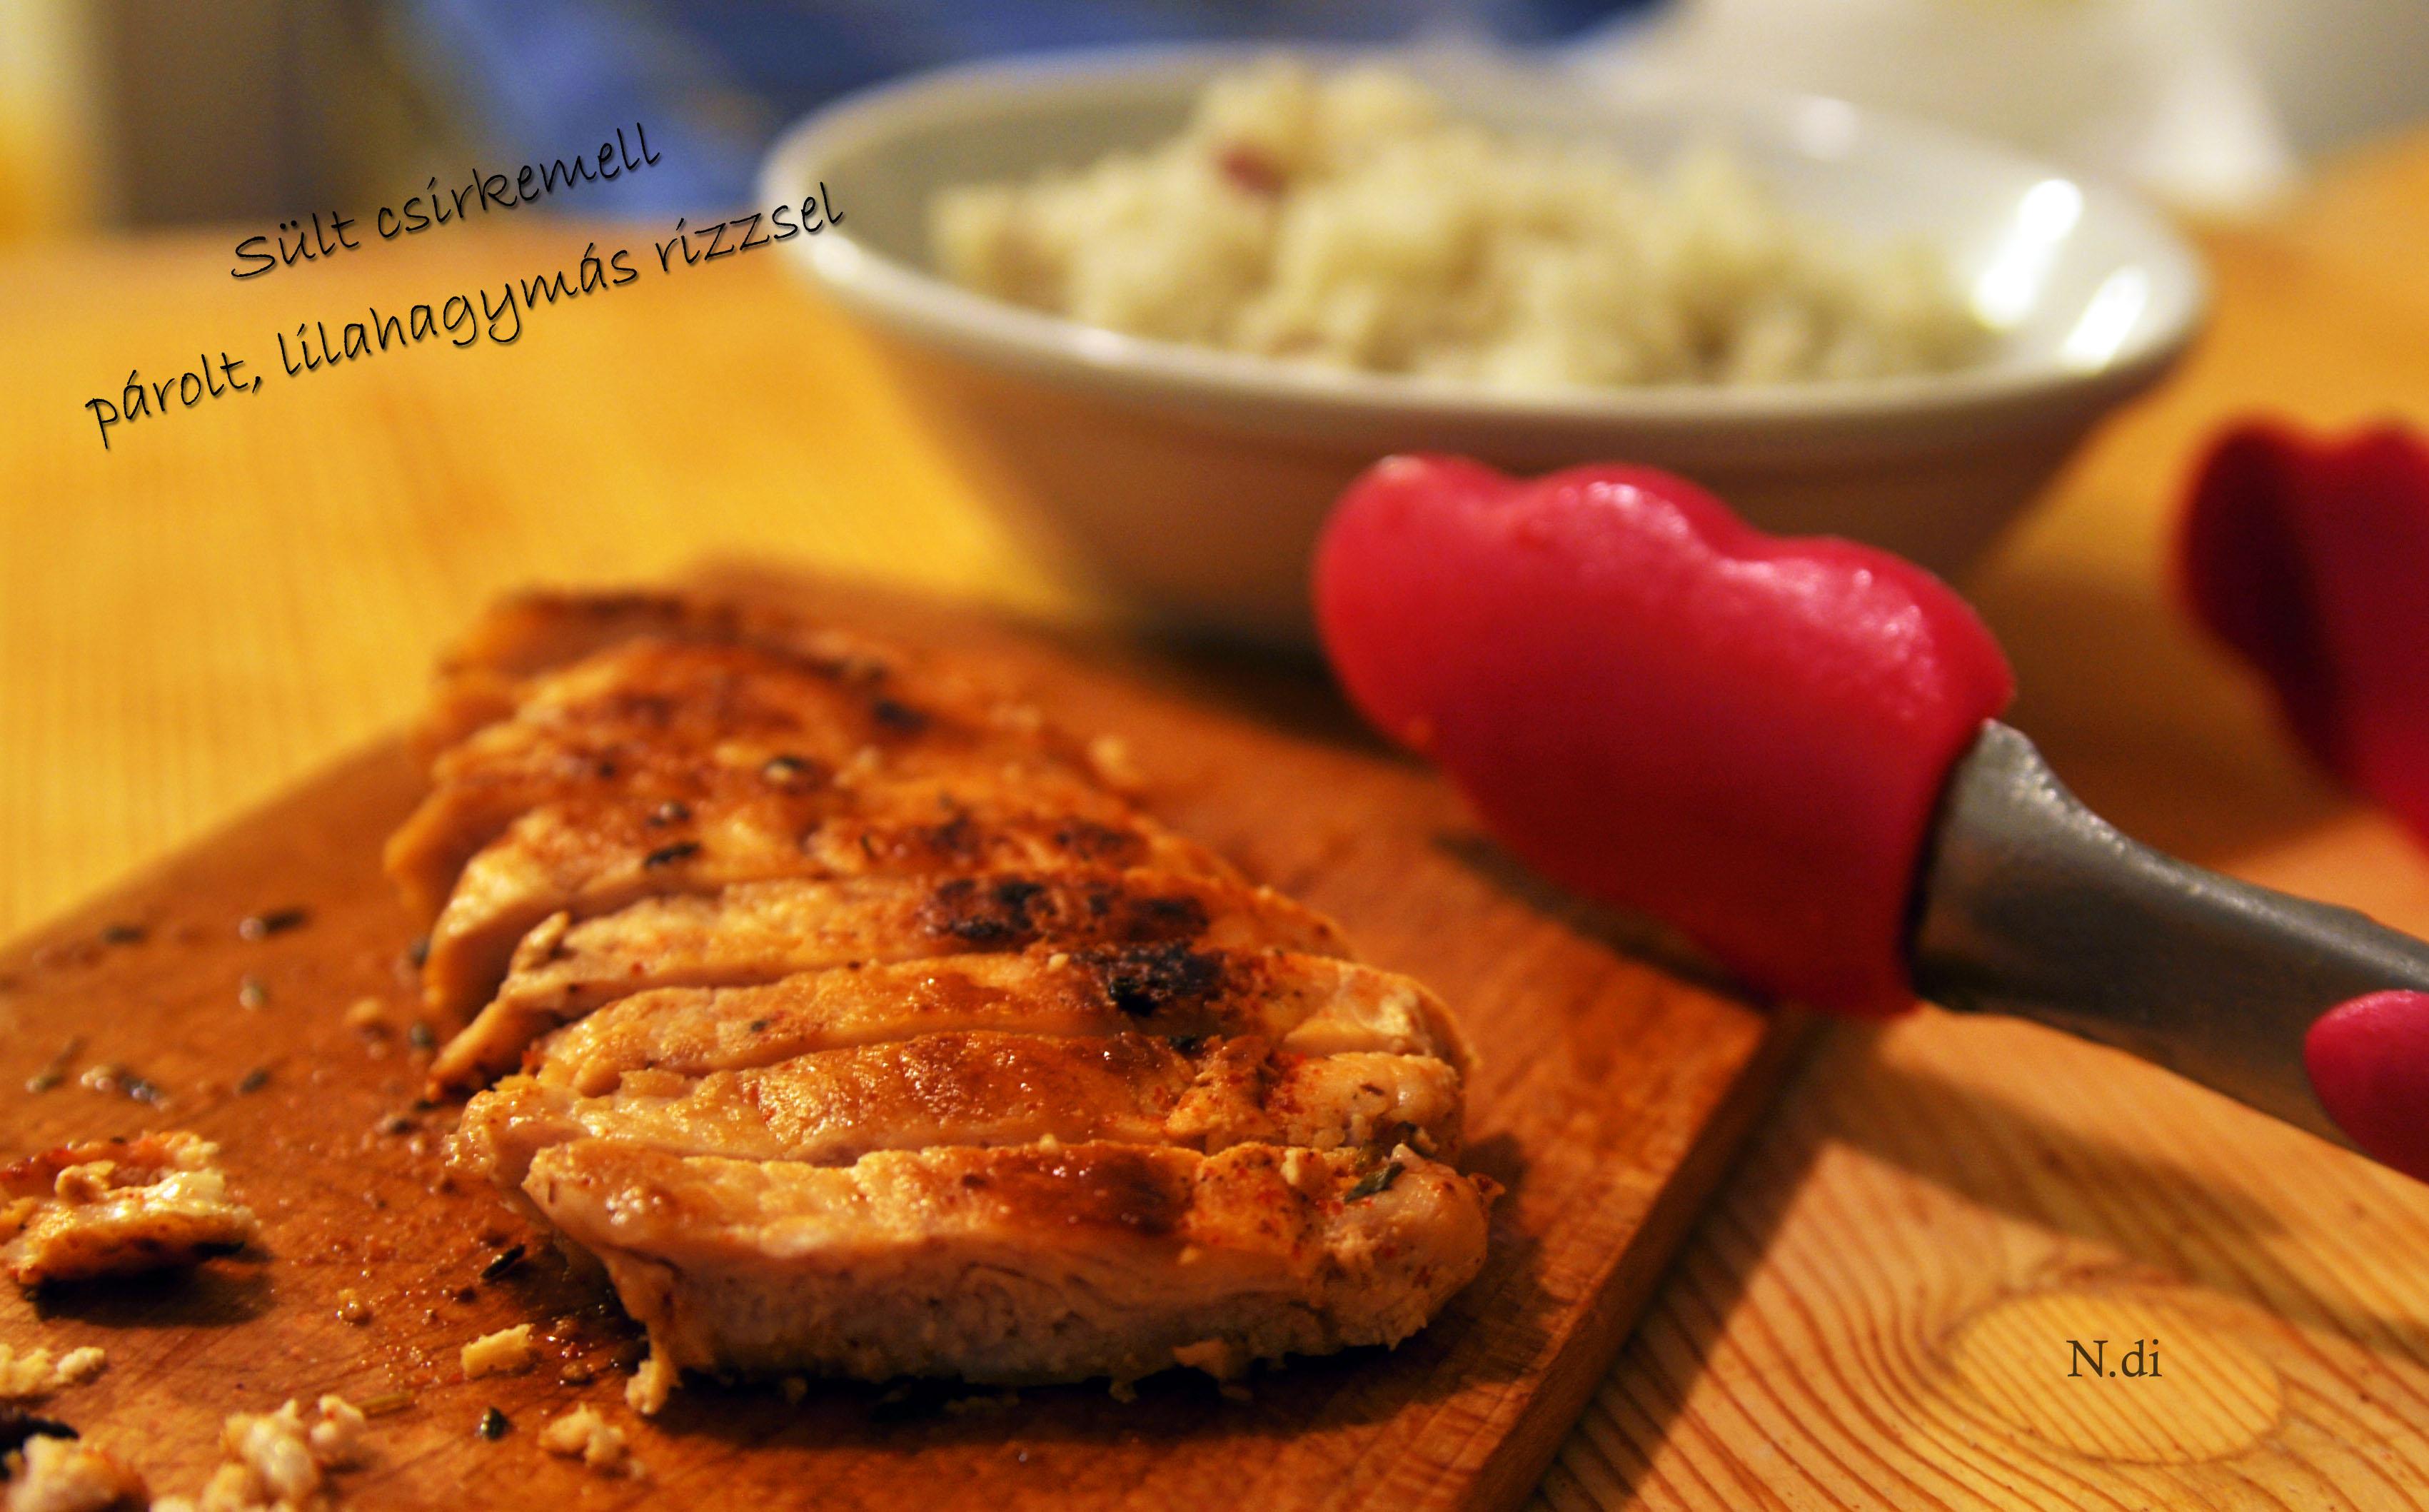 Sült csirkemell párolt, lilahagymás rizzsel